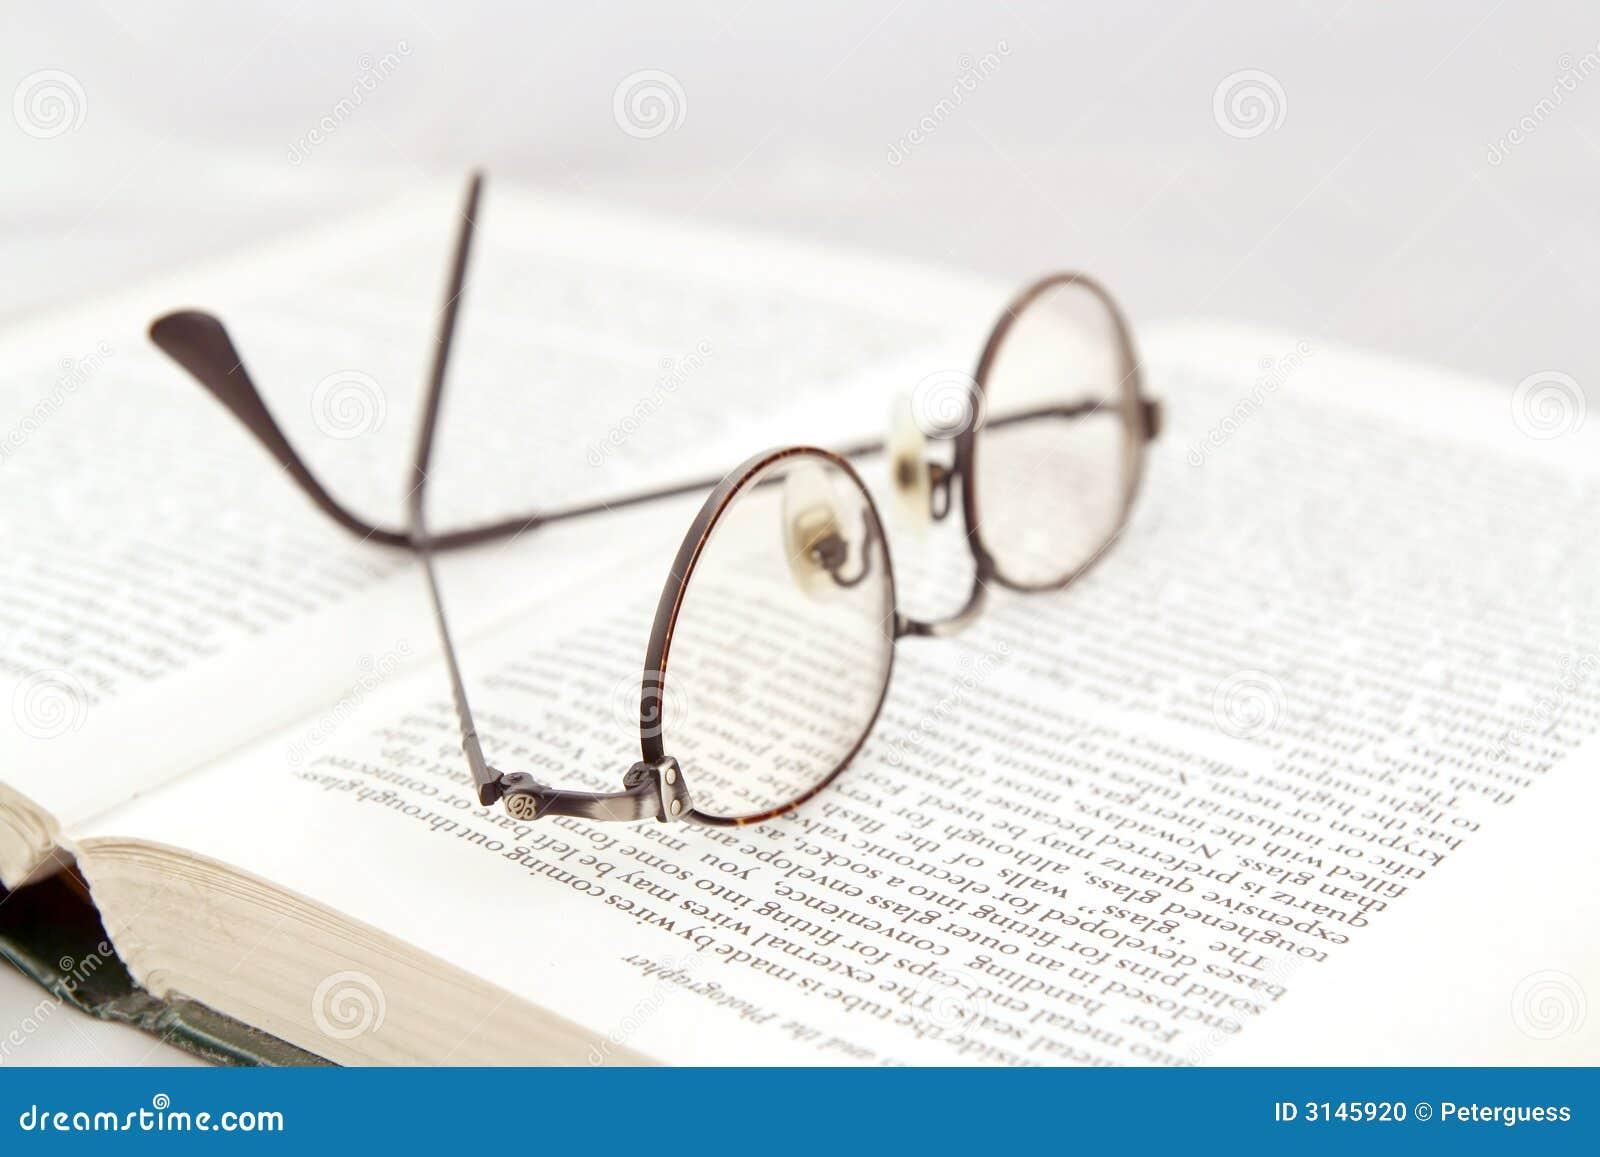 Occhiali sul libro aperto